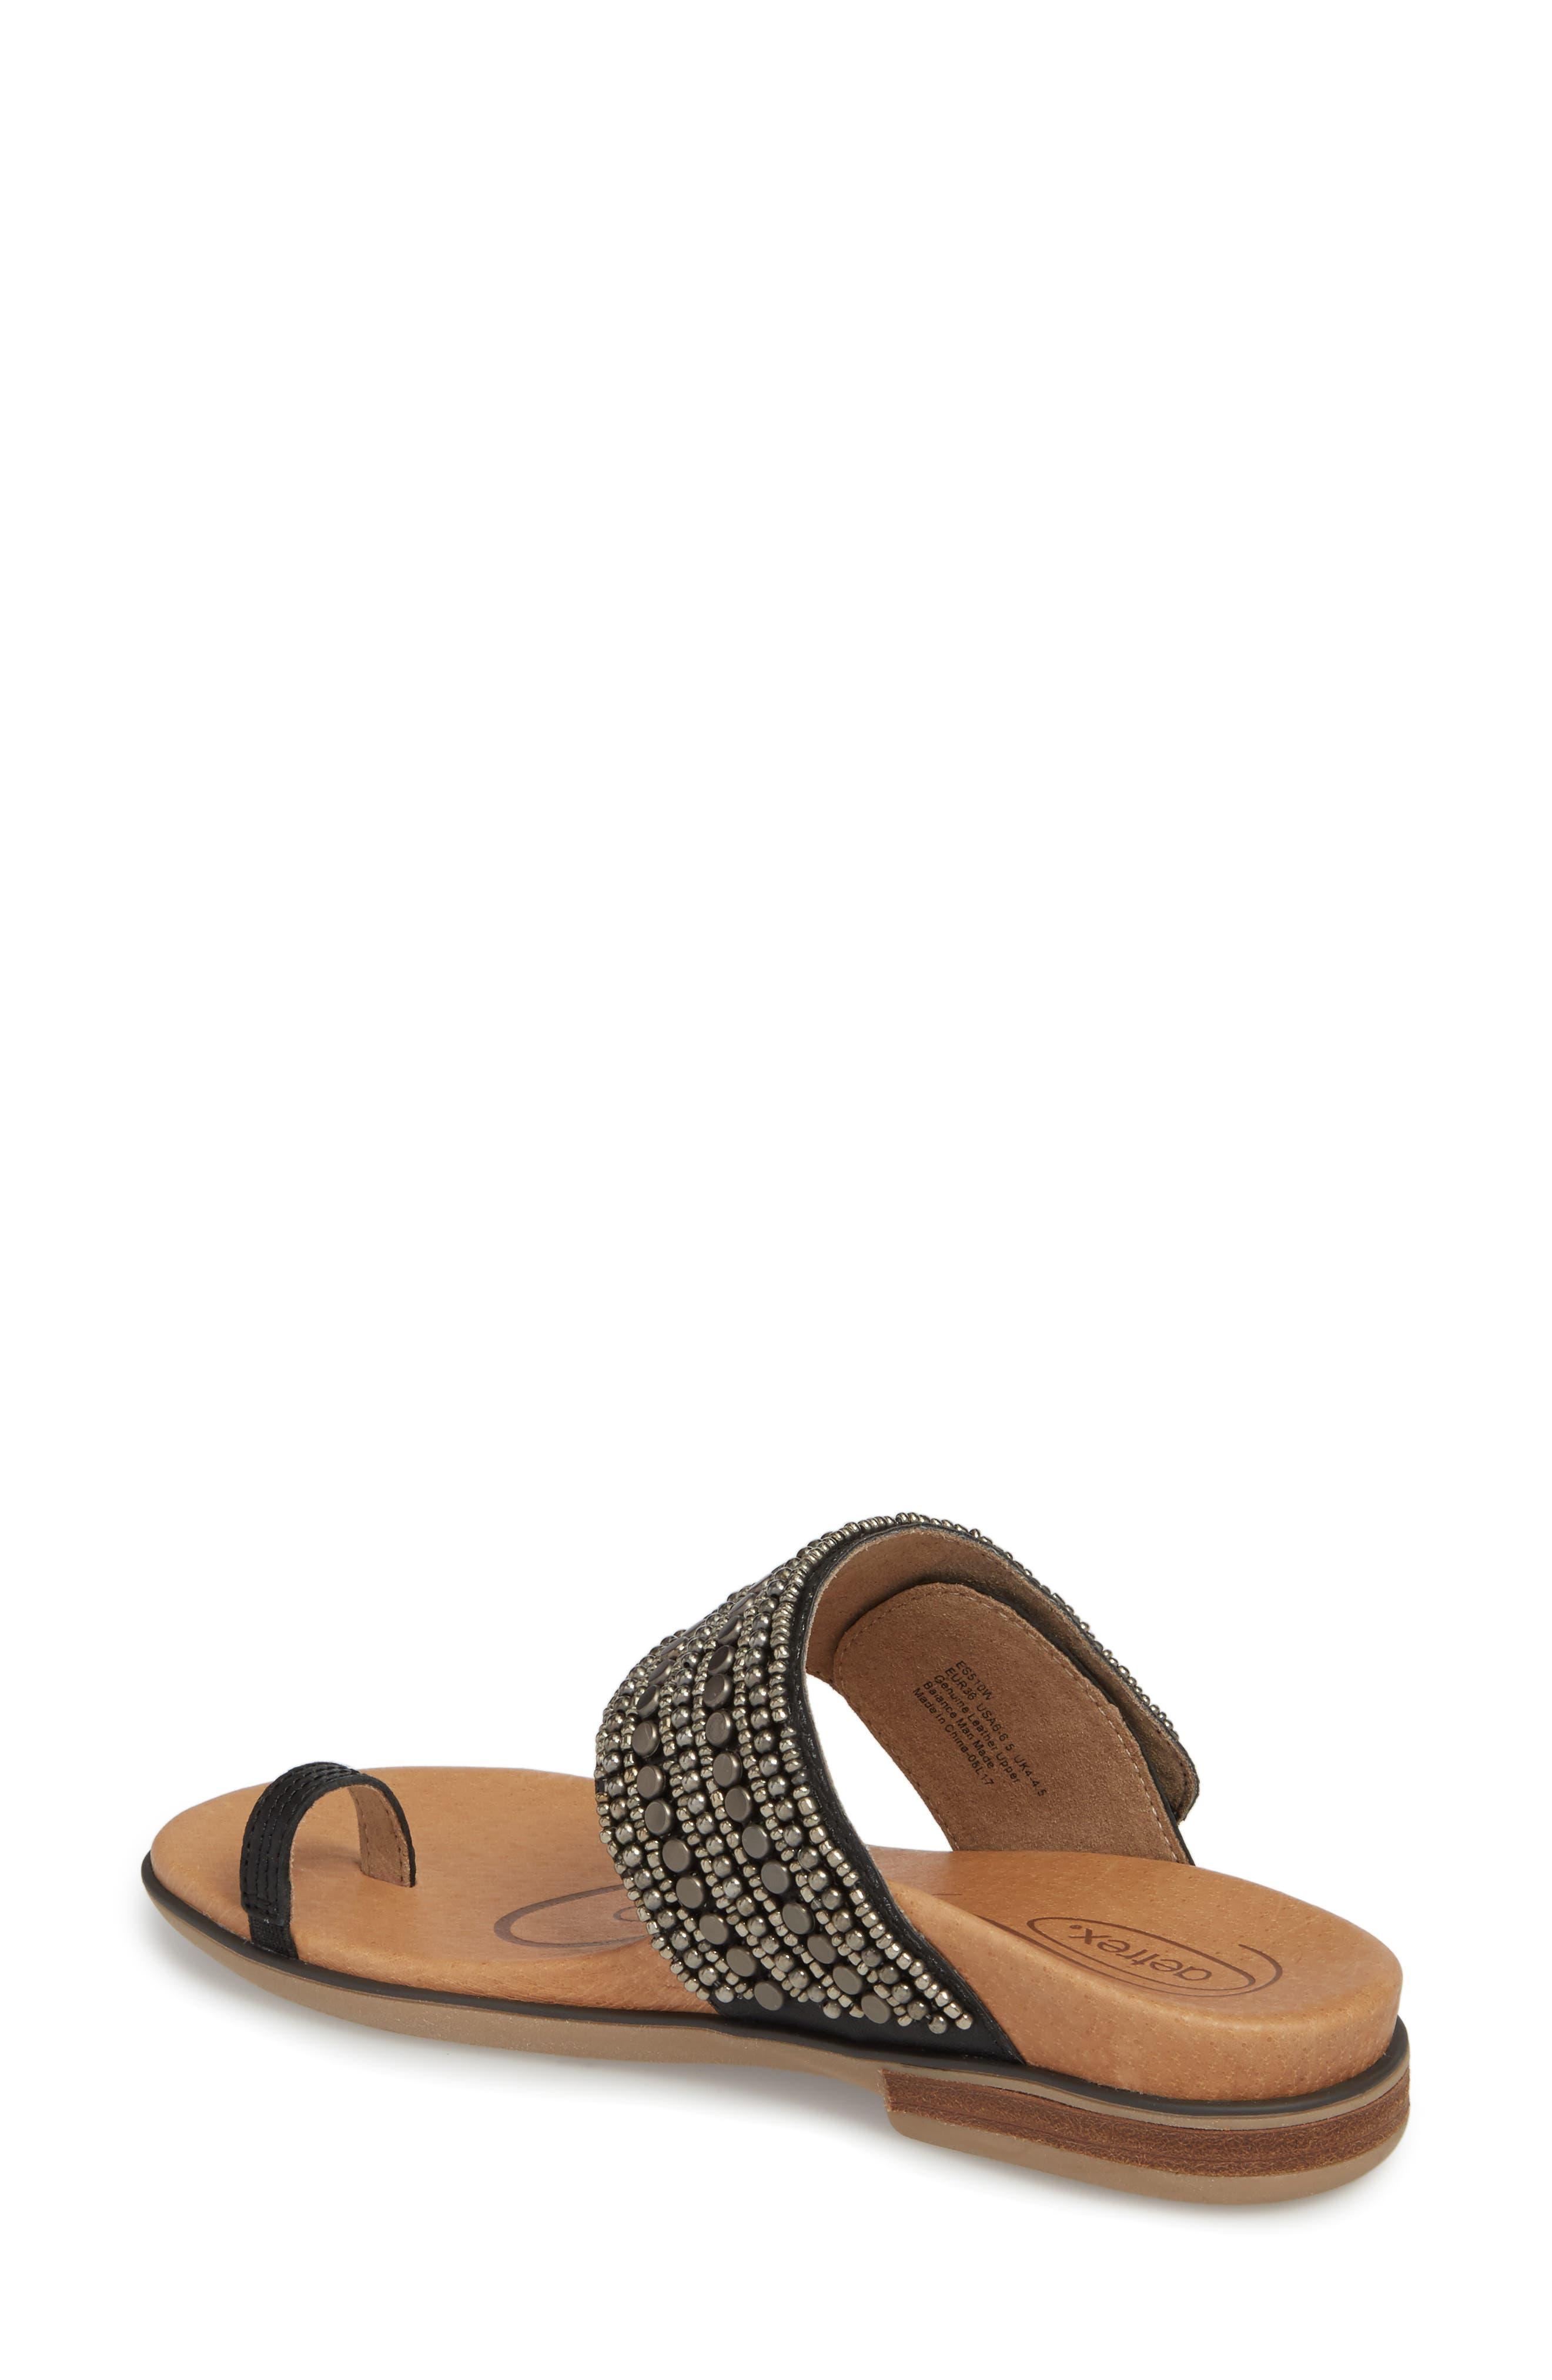 Layla Embellished Slide Sandal,                             Alternate thumbnail 2, color,                             Black Leather